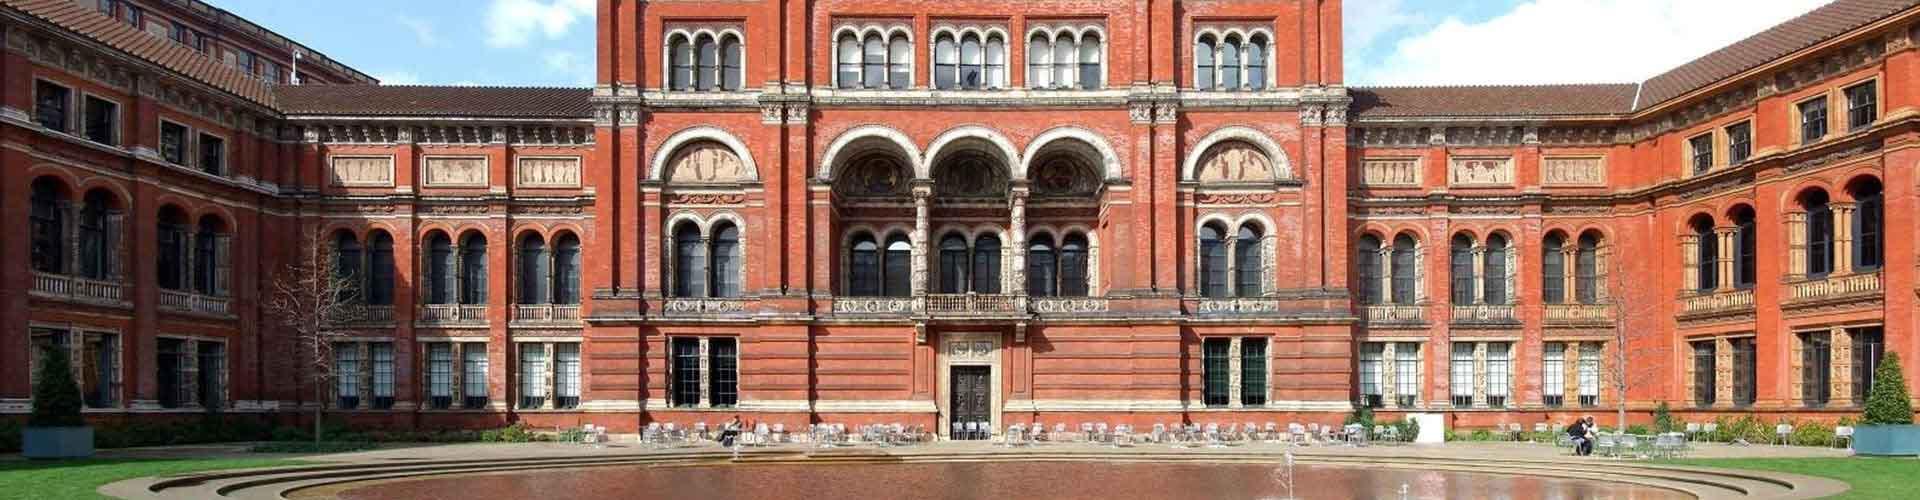 런던 - 빅토리아 & 앨버트 박물관에 가까운 아파트. 런던의 지도, 런던에 위치한 아파트에 대한 사진 및 리뷰.